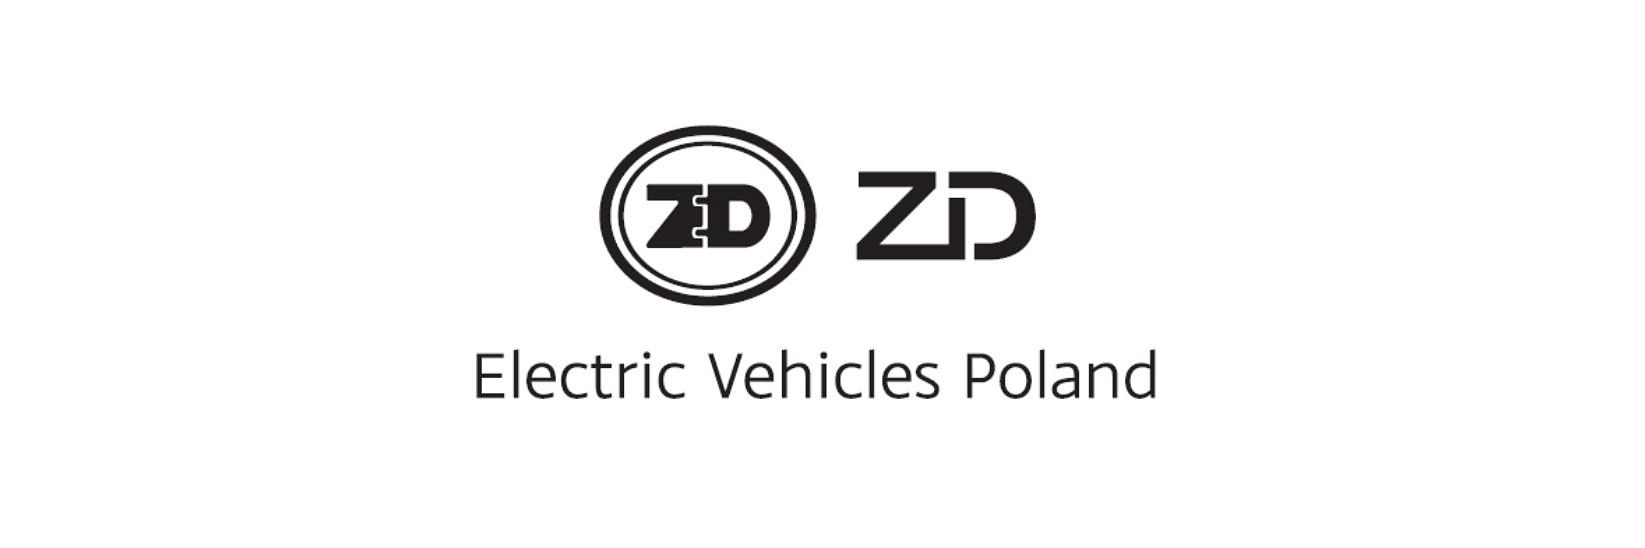 Electric Vehicles Poland wprowadza do Polski mikromobilność